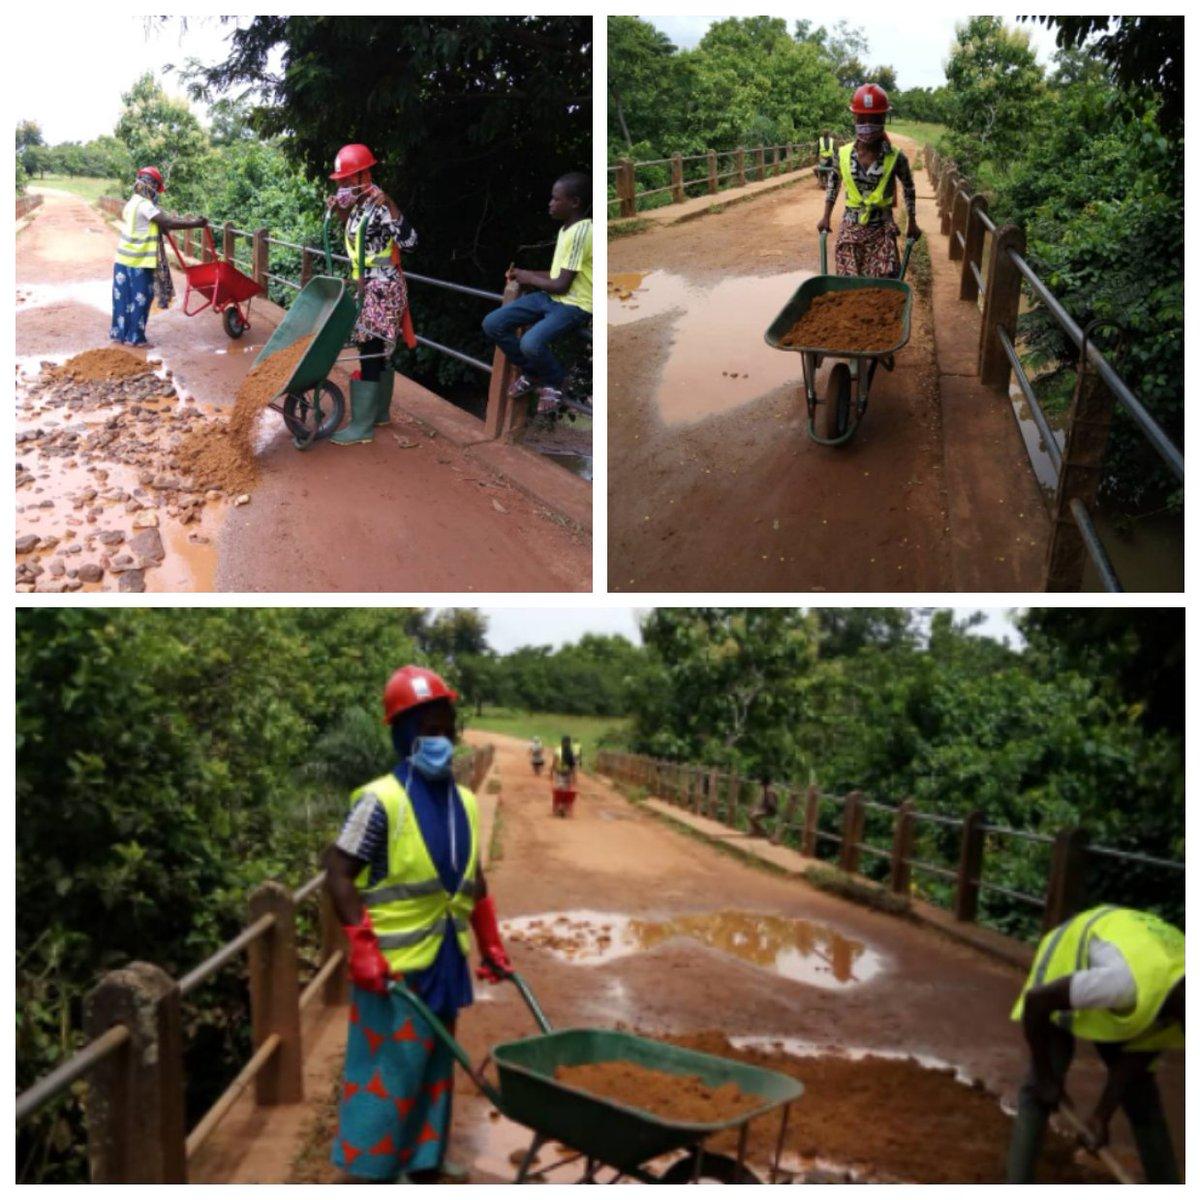 Les VEC ont remblayé les trous qui se trouvent sur le pont d'Agoulou avec  du gravier et du sable, ce 08 juillet afin de le rendre praticable.  #VEC #JeMengage #CRVCentrale #ANVT https://t.co/77sPbYRpRg